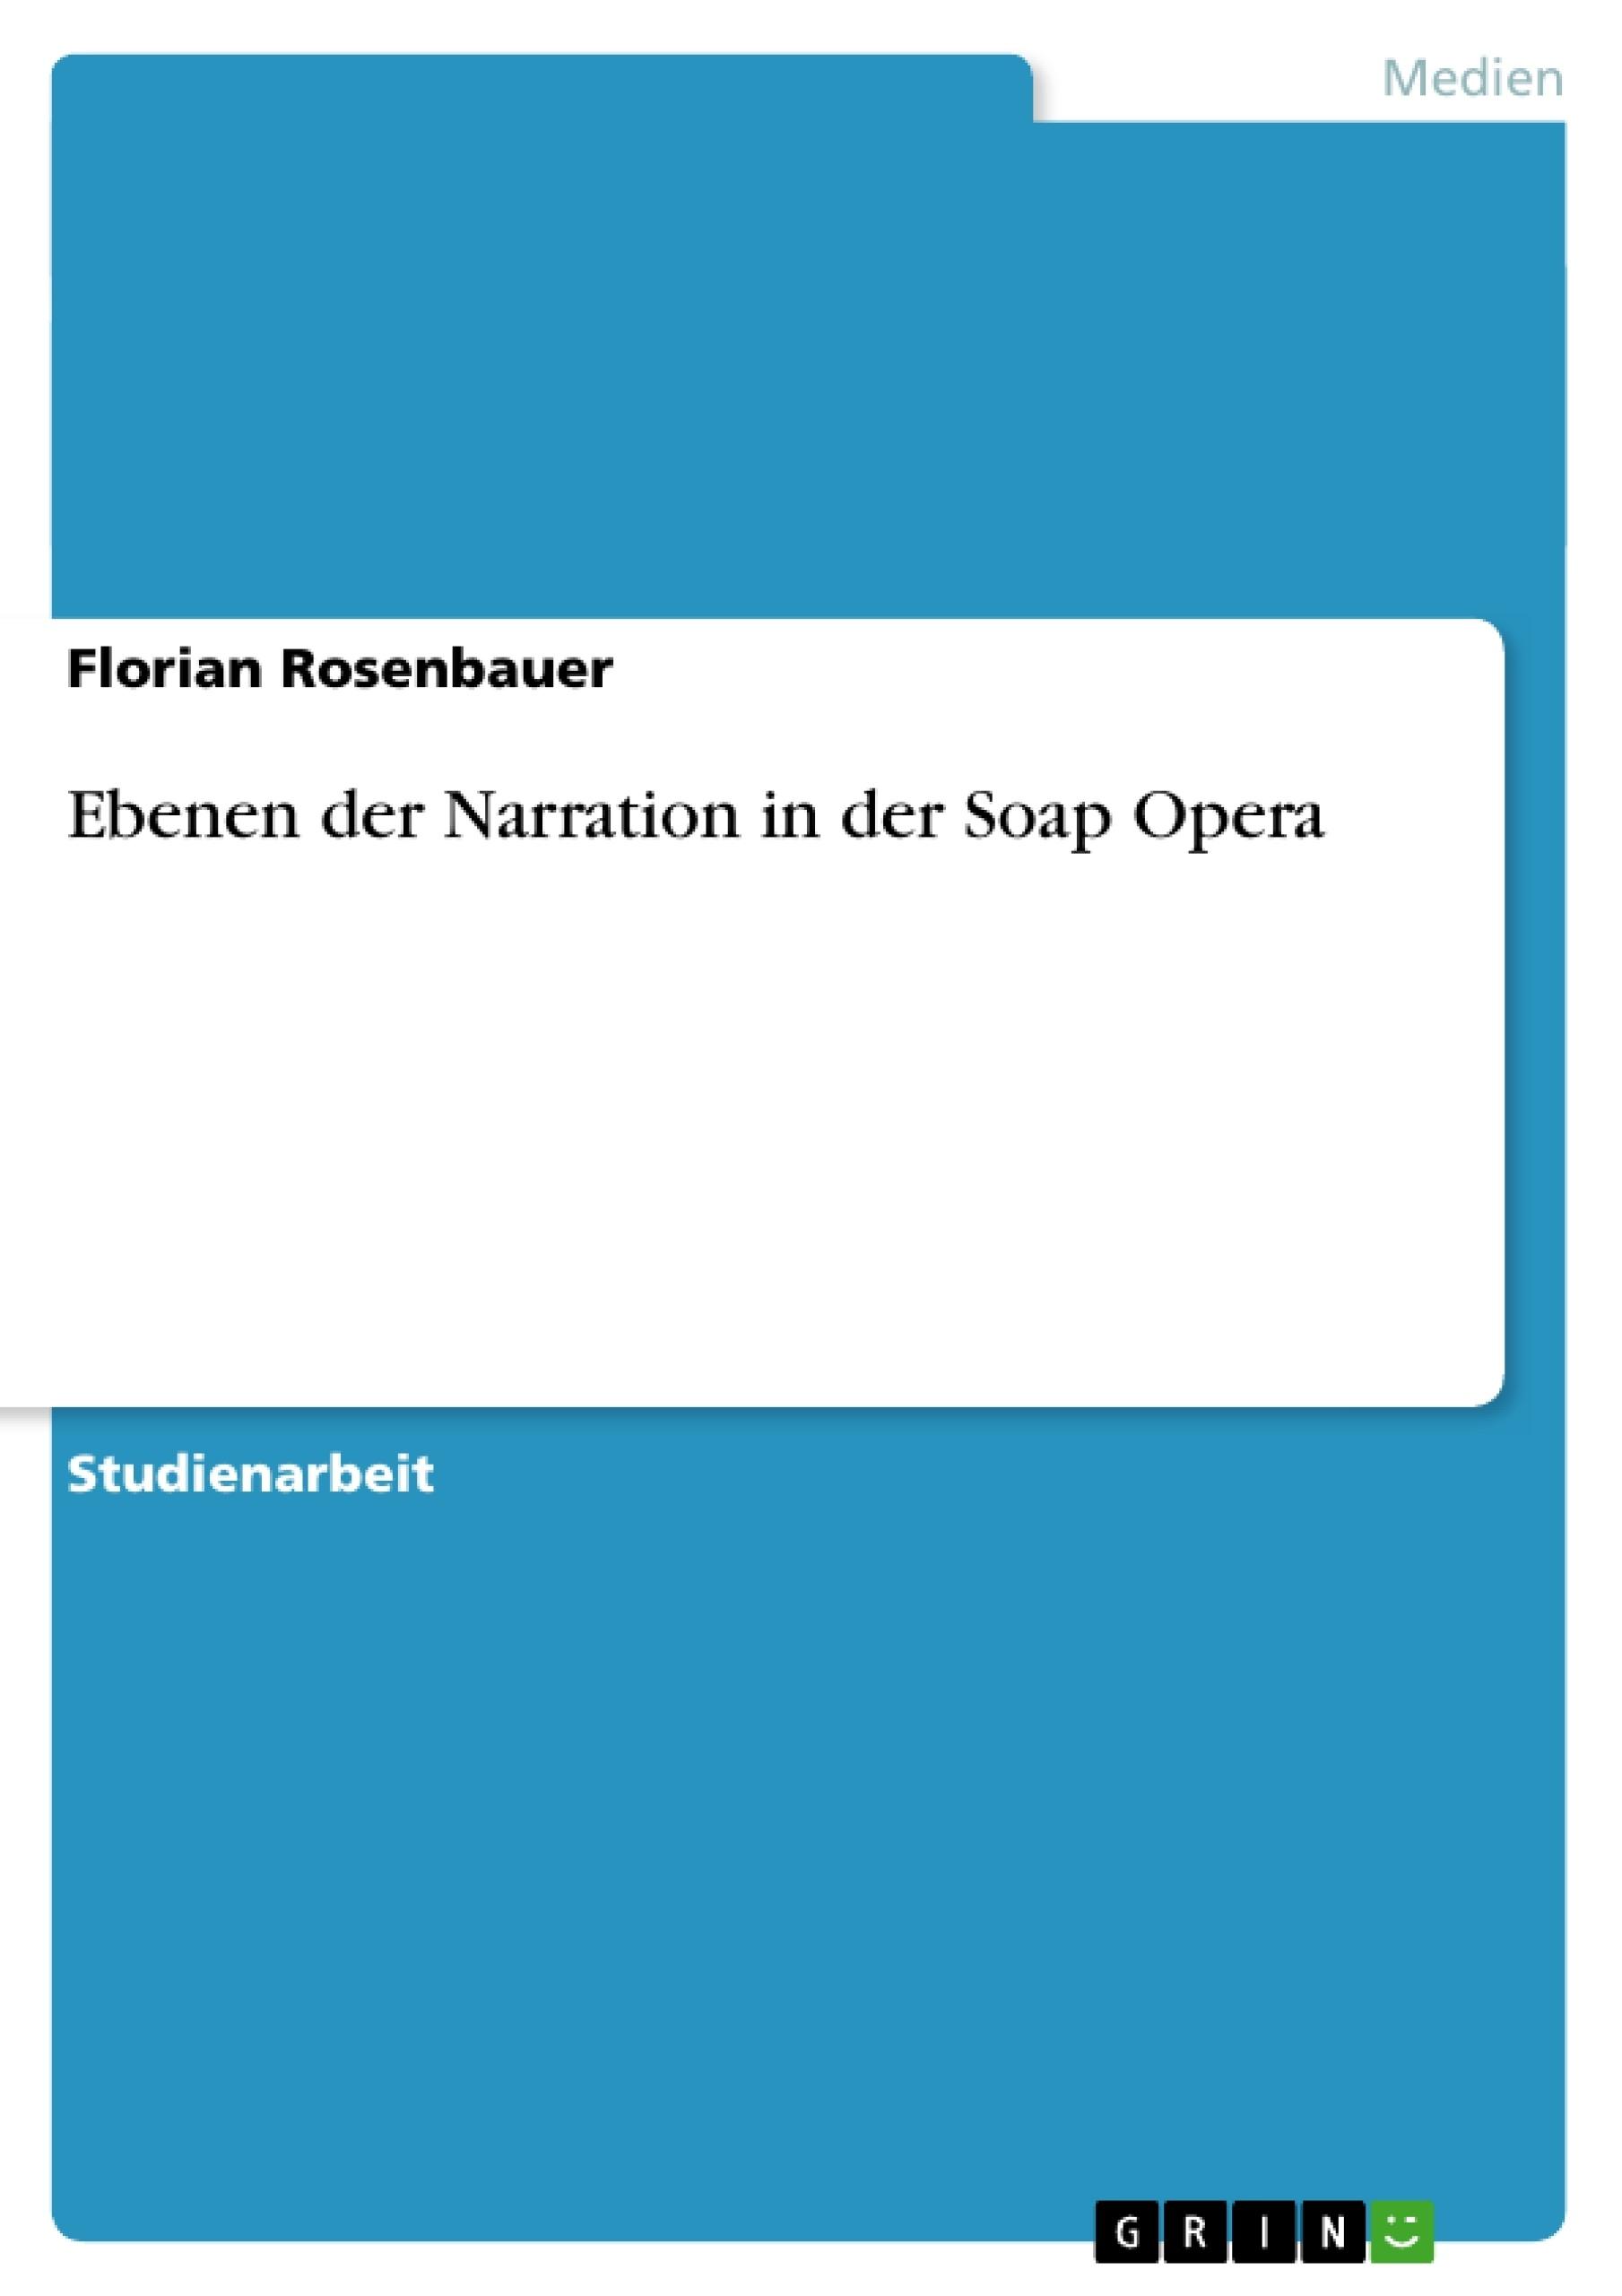 Titel: Ebenen der Narration in der Soap Opera